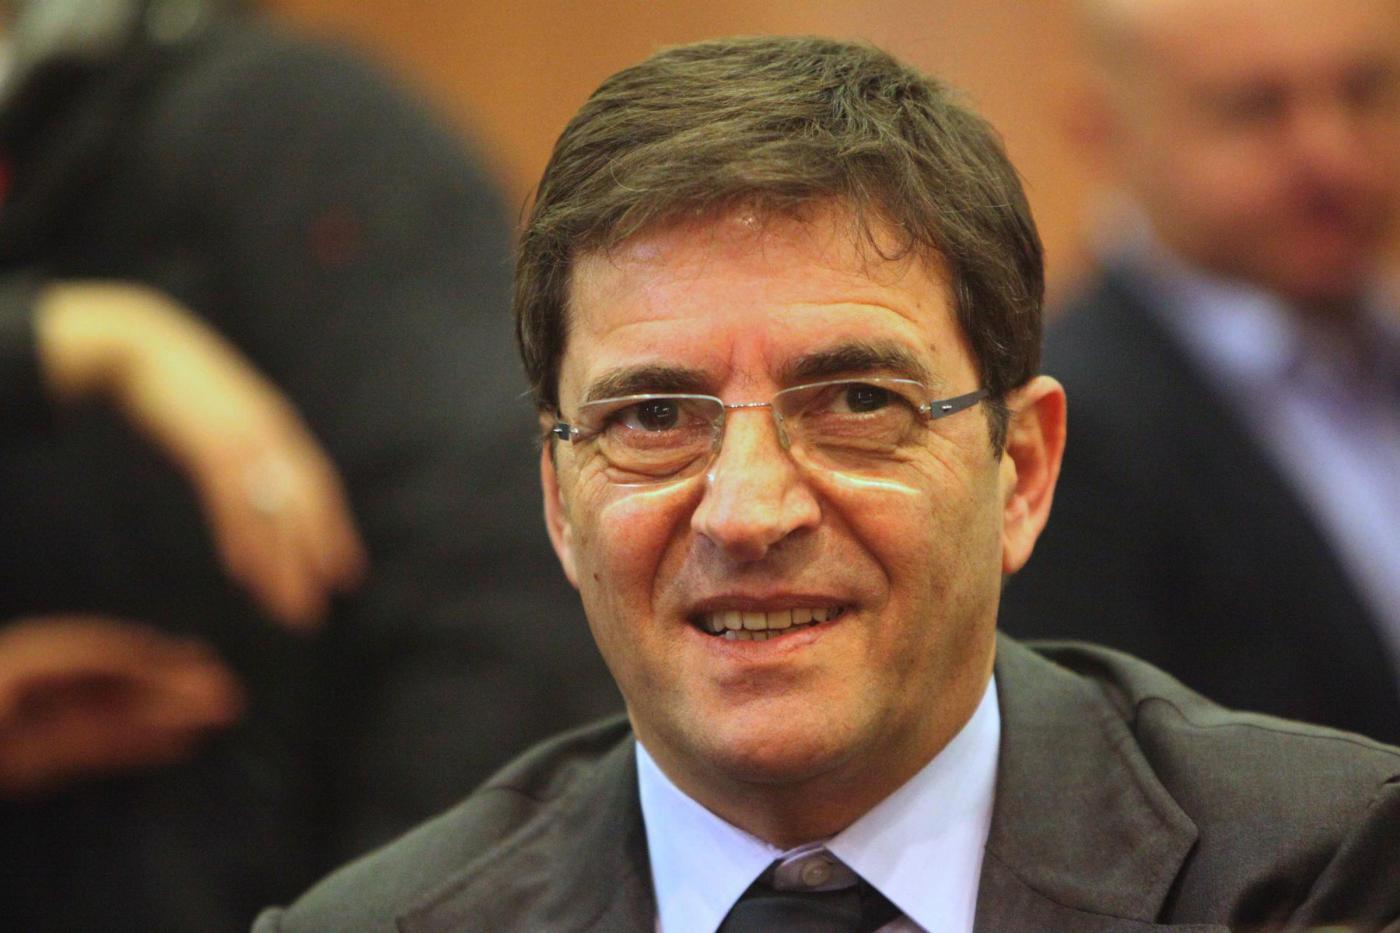 Convention dei cosentiniani al Porto di Napoli, applausi per Nicola Cosentino alla prima uscita pubblica